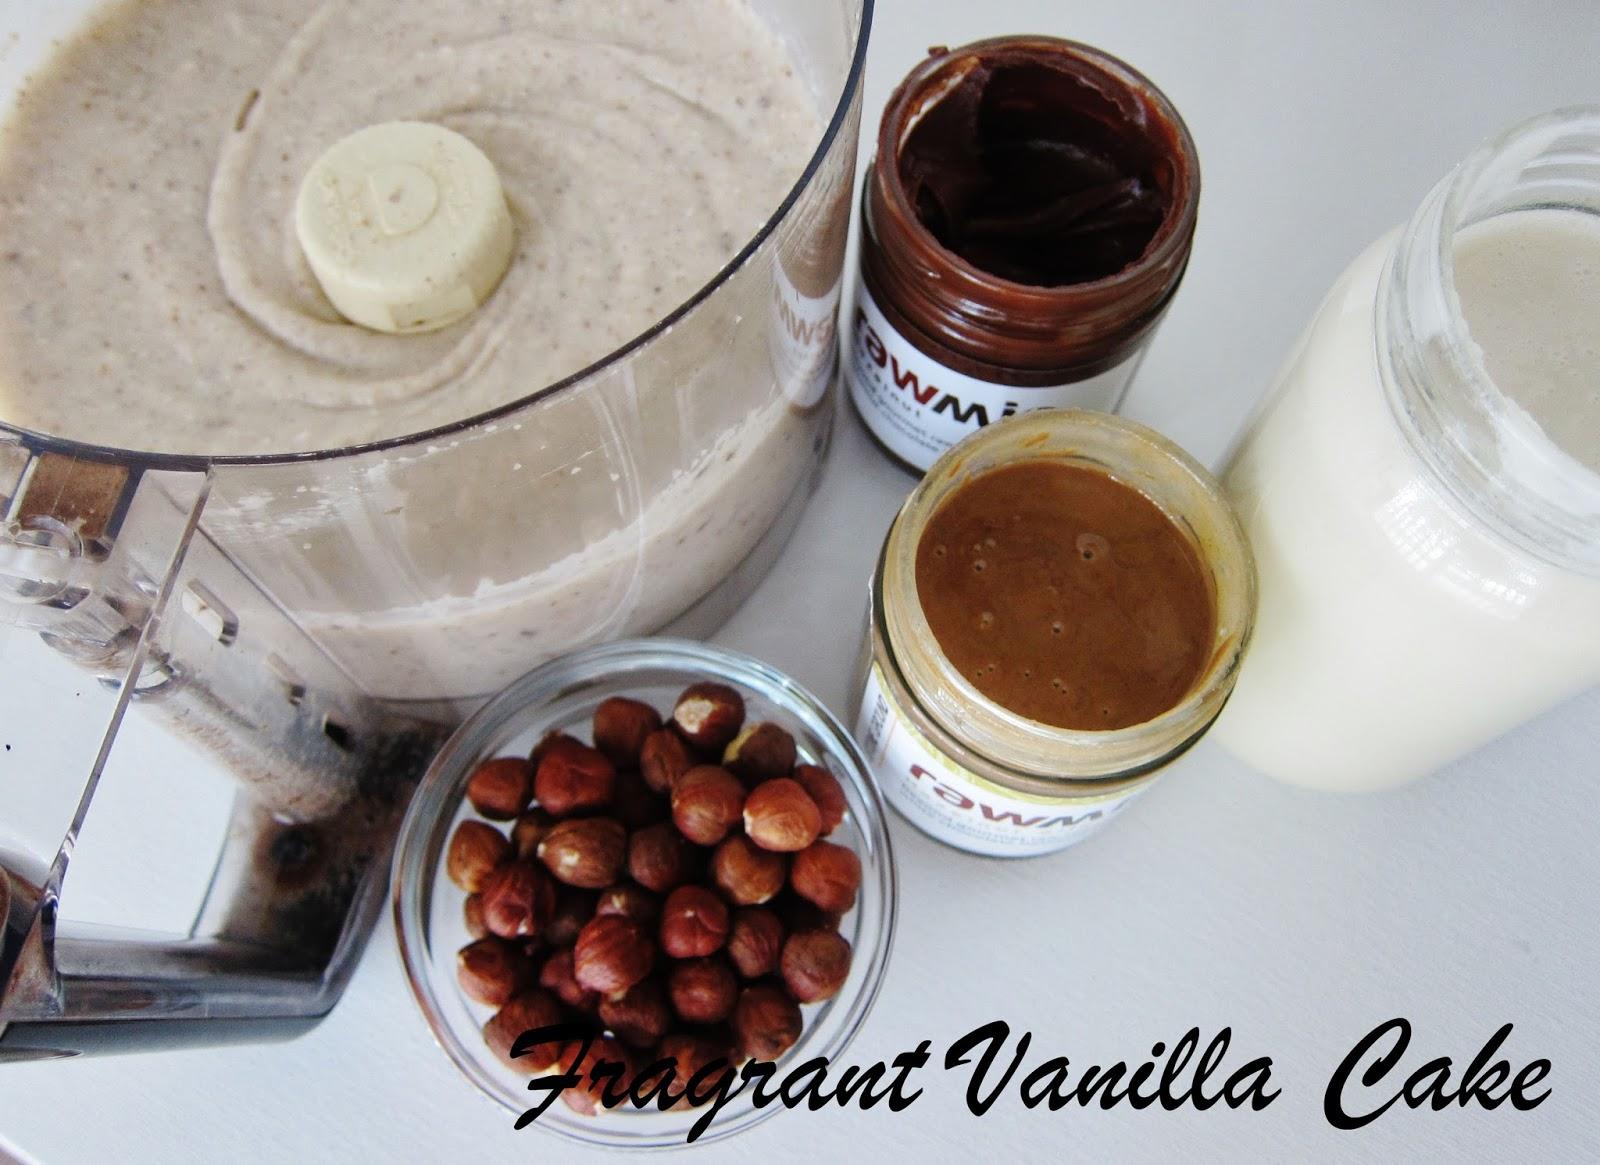 ... chocolate hazelnut butter chocolate hazelnut spread chocolate and